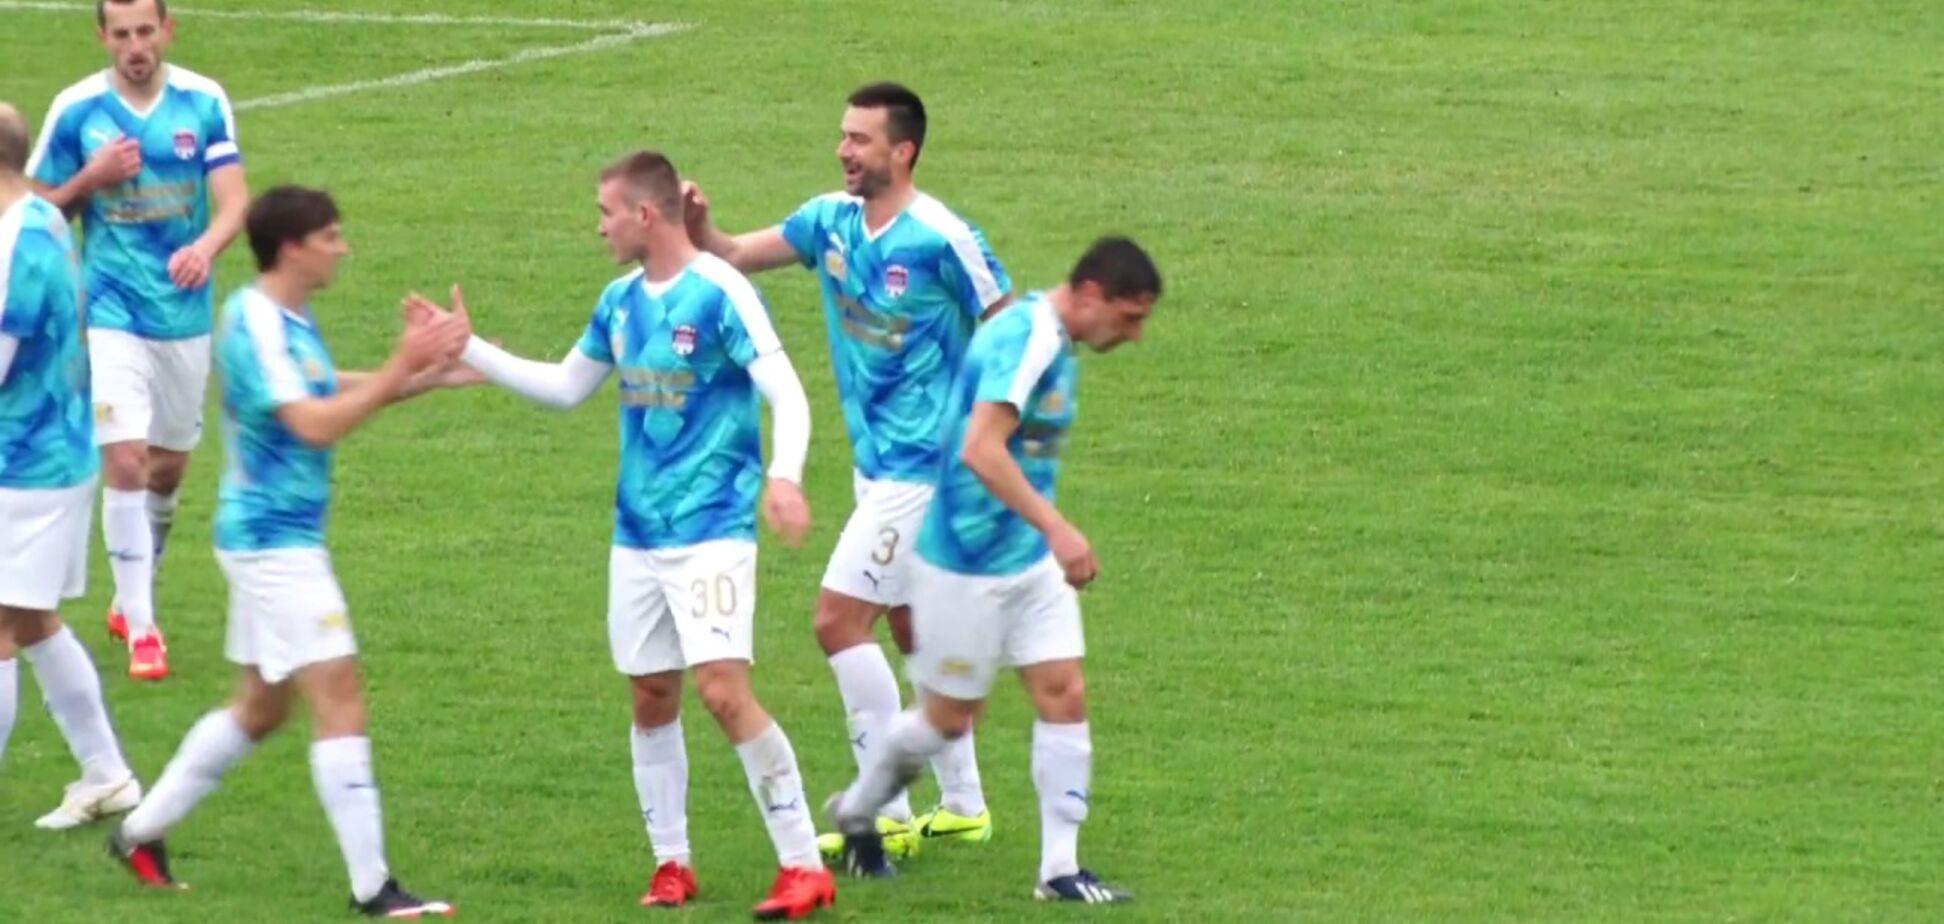 Украинский футболист забил шедевральный гол со штрафного в матче Второй лиги: опубликовано видео